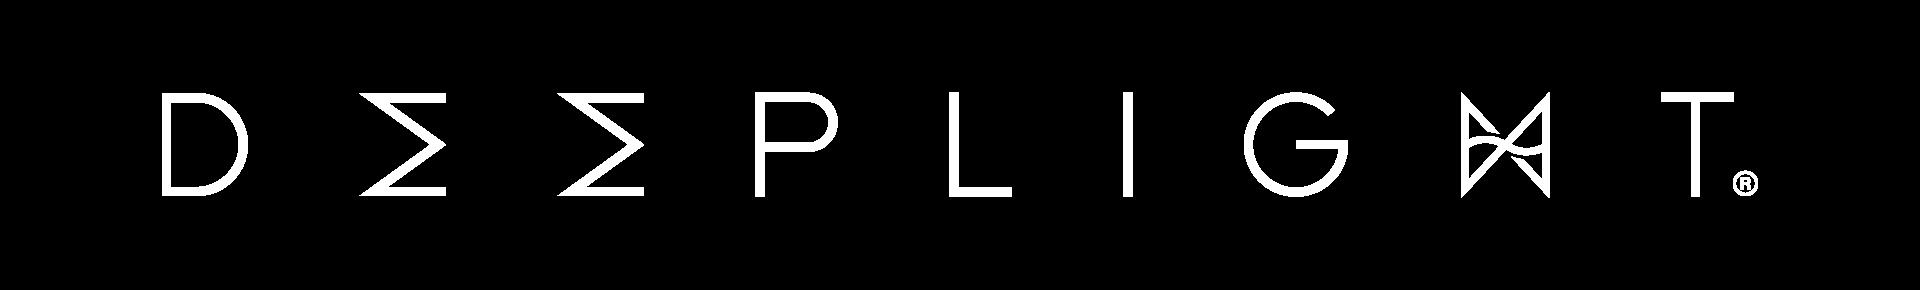 deeplight.co.uk